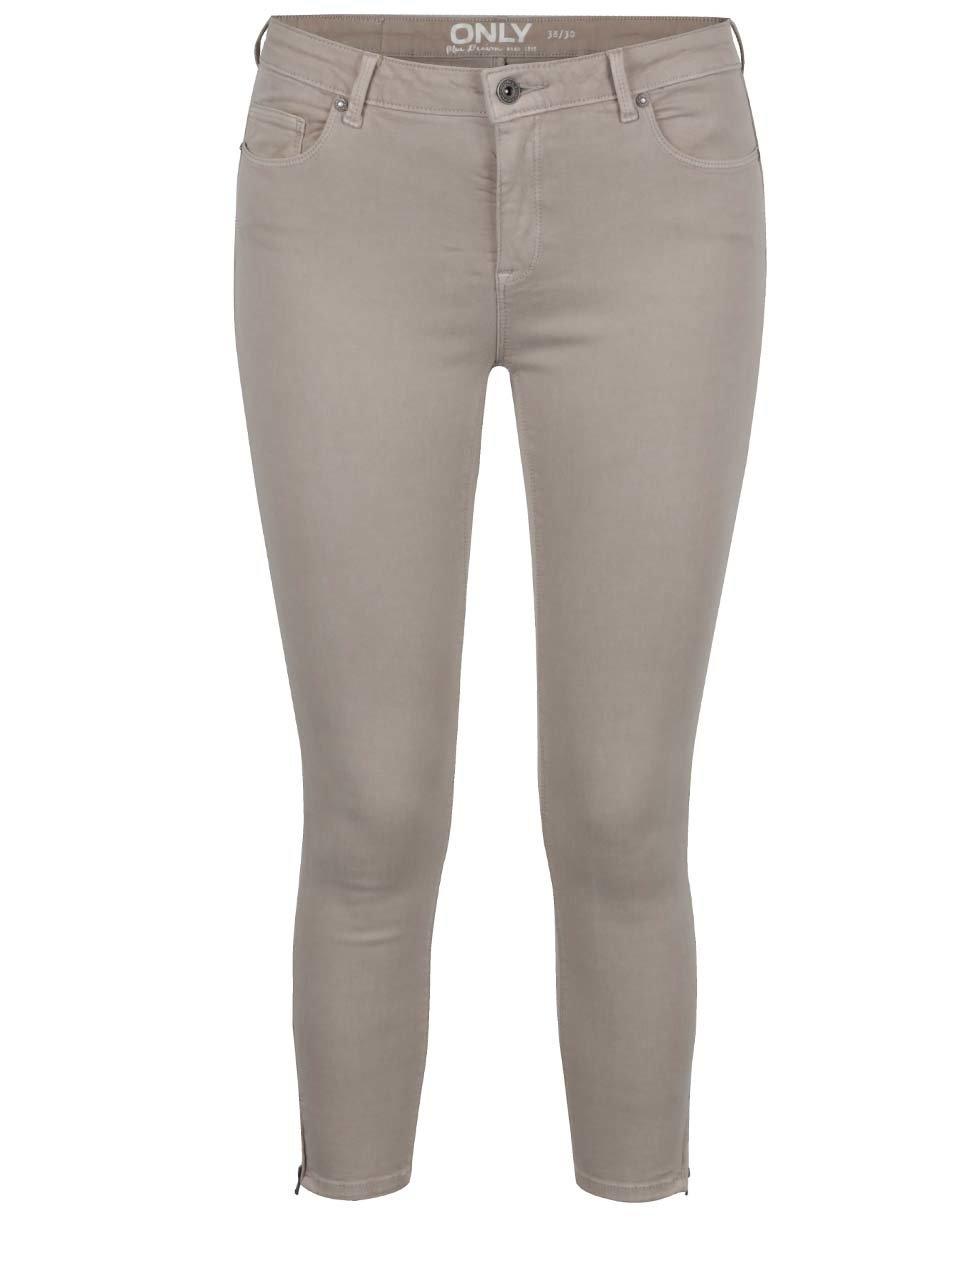 Béžové strečové džíny ONLY Serena